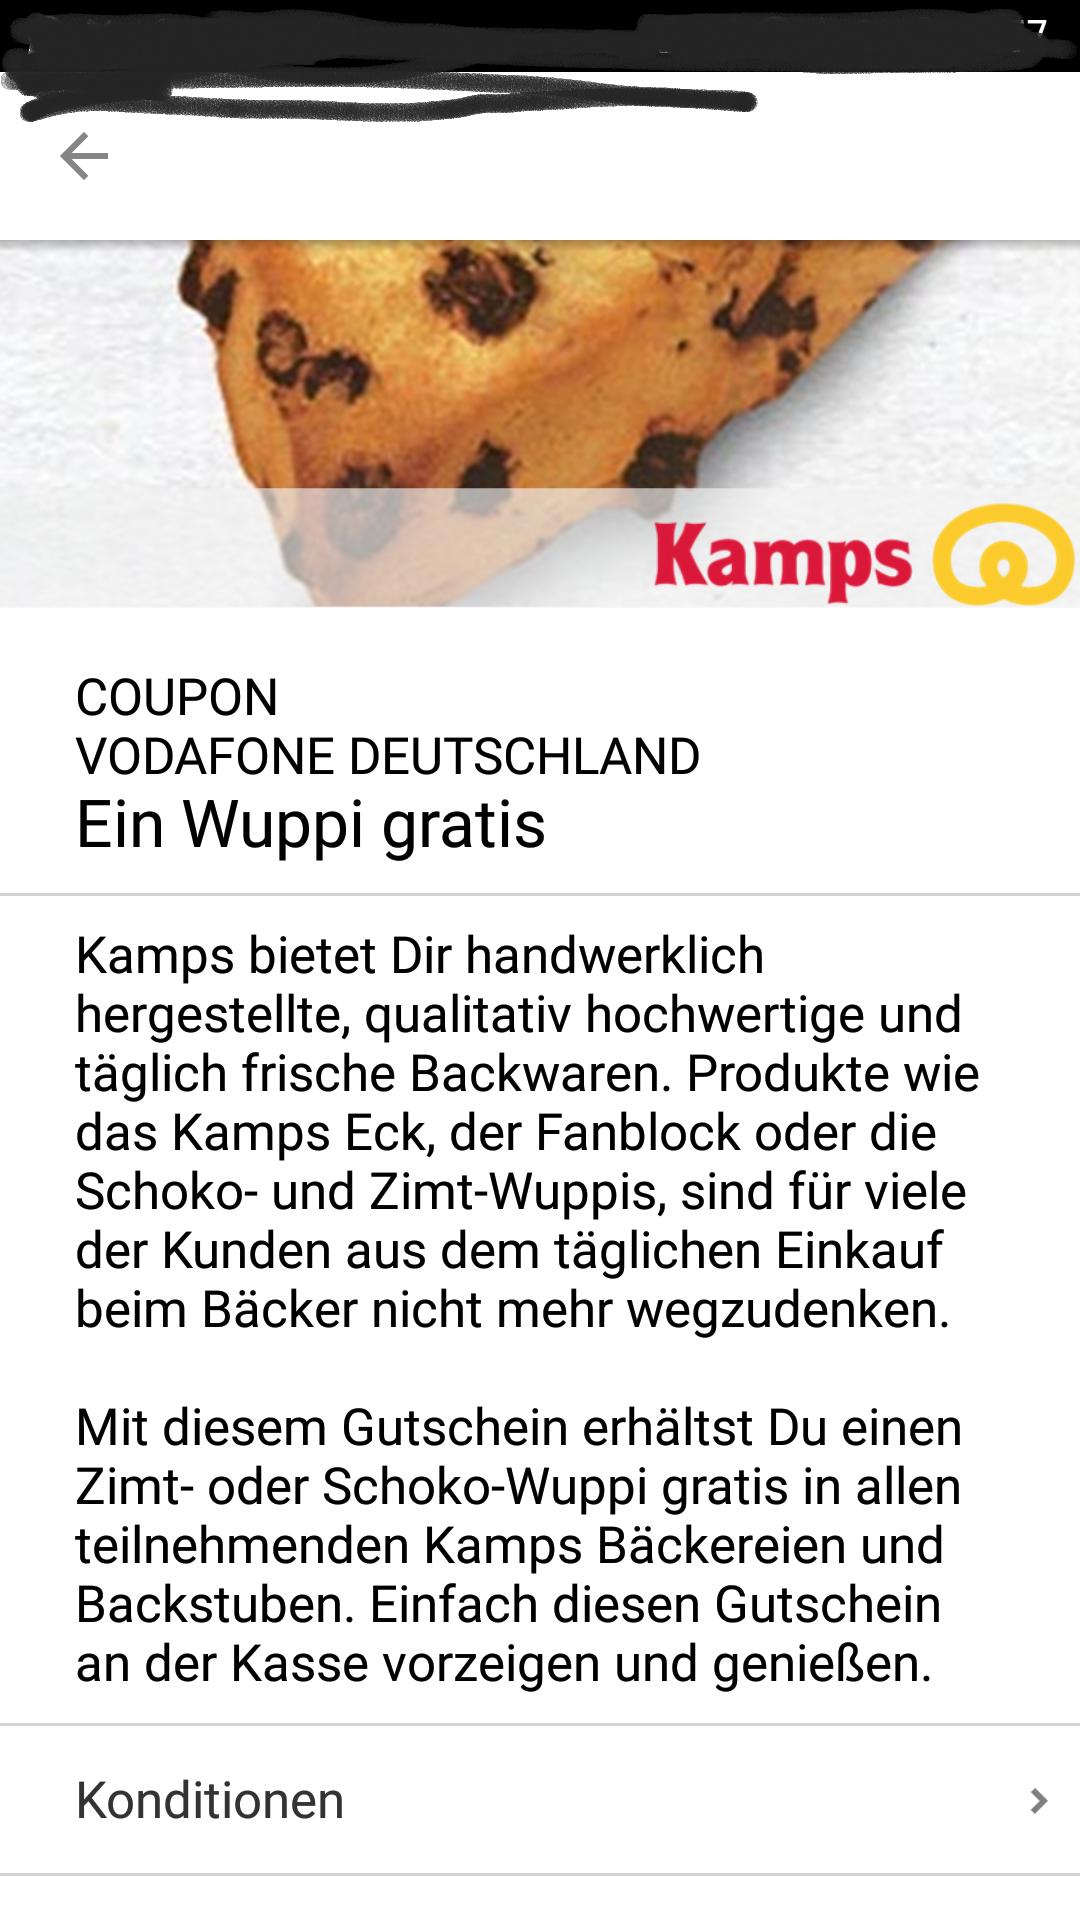 Wuppis und Kaffee von Kamps gratis! [Flatrate?]